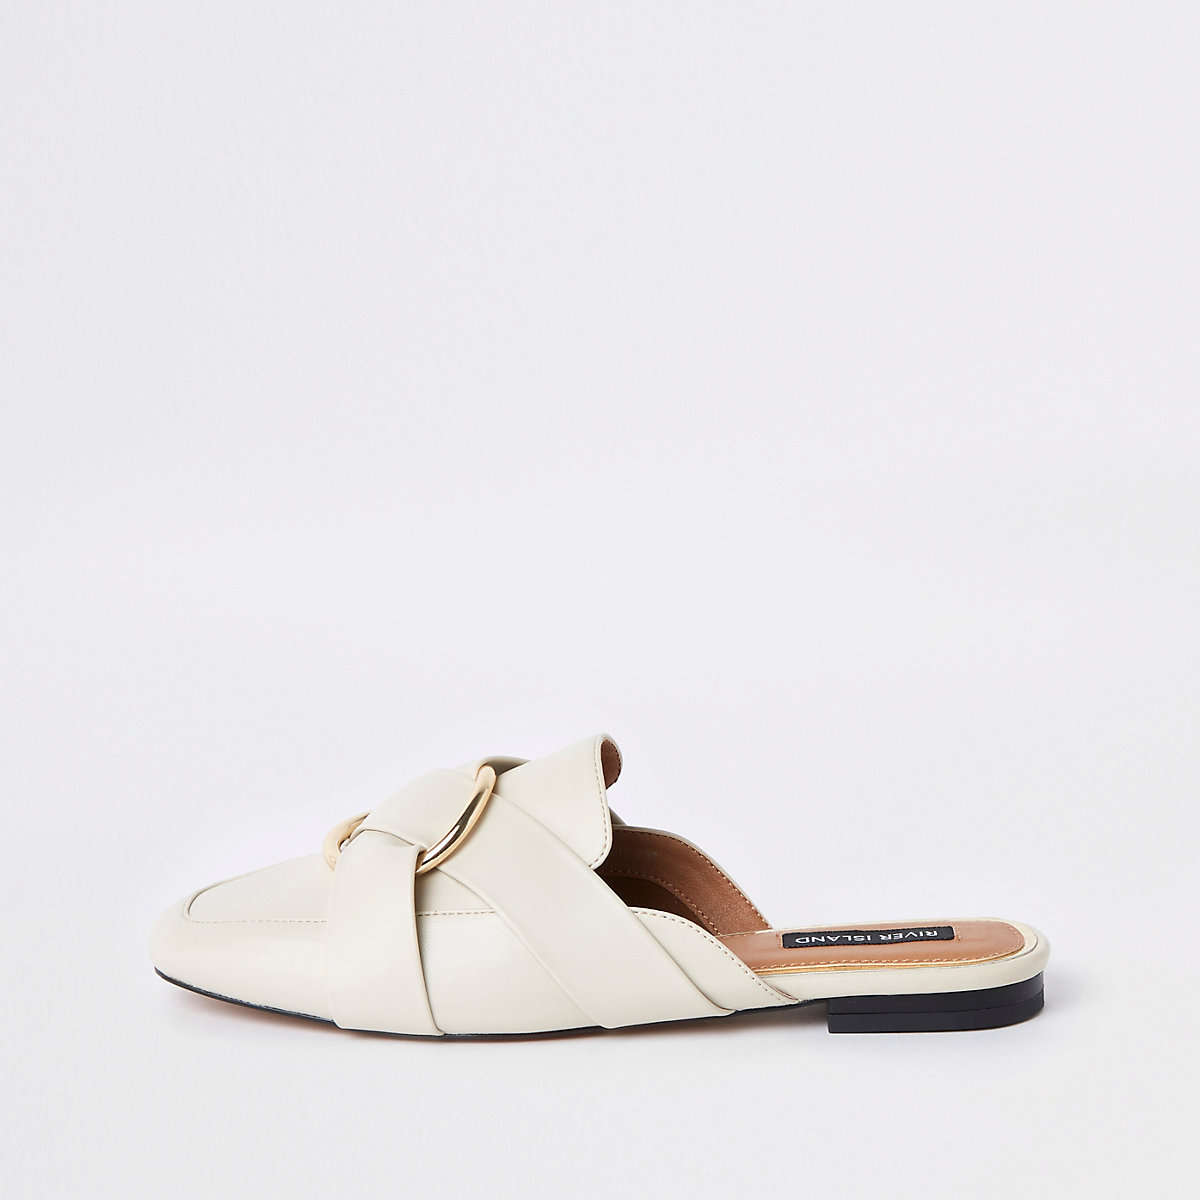 Ecru hielloze loafers met ring